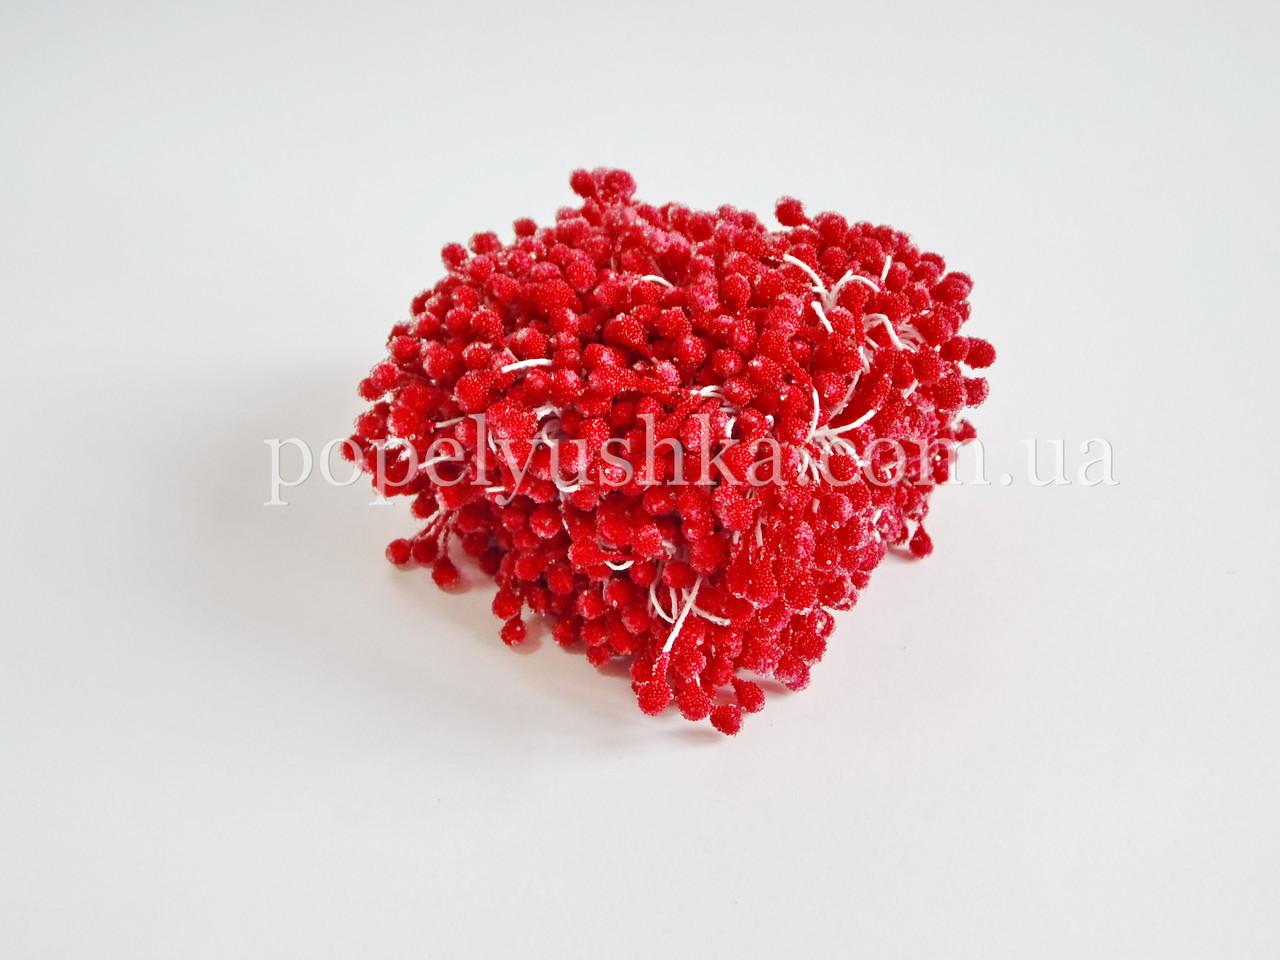 Тичинки цукрові великі червоні